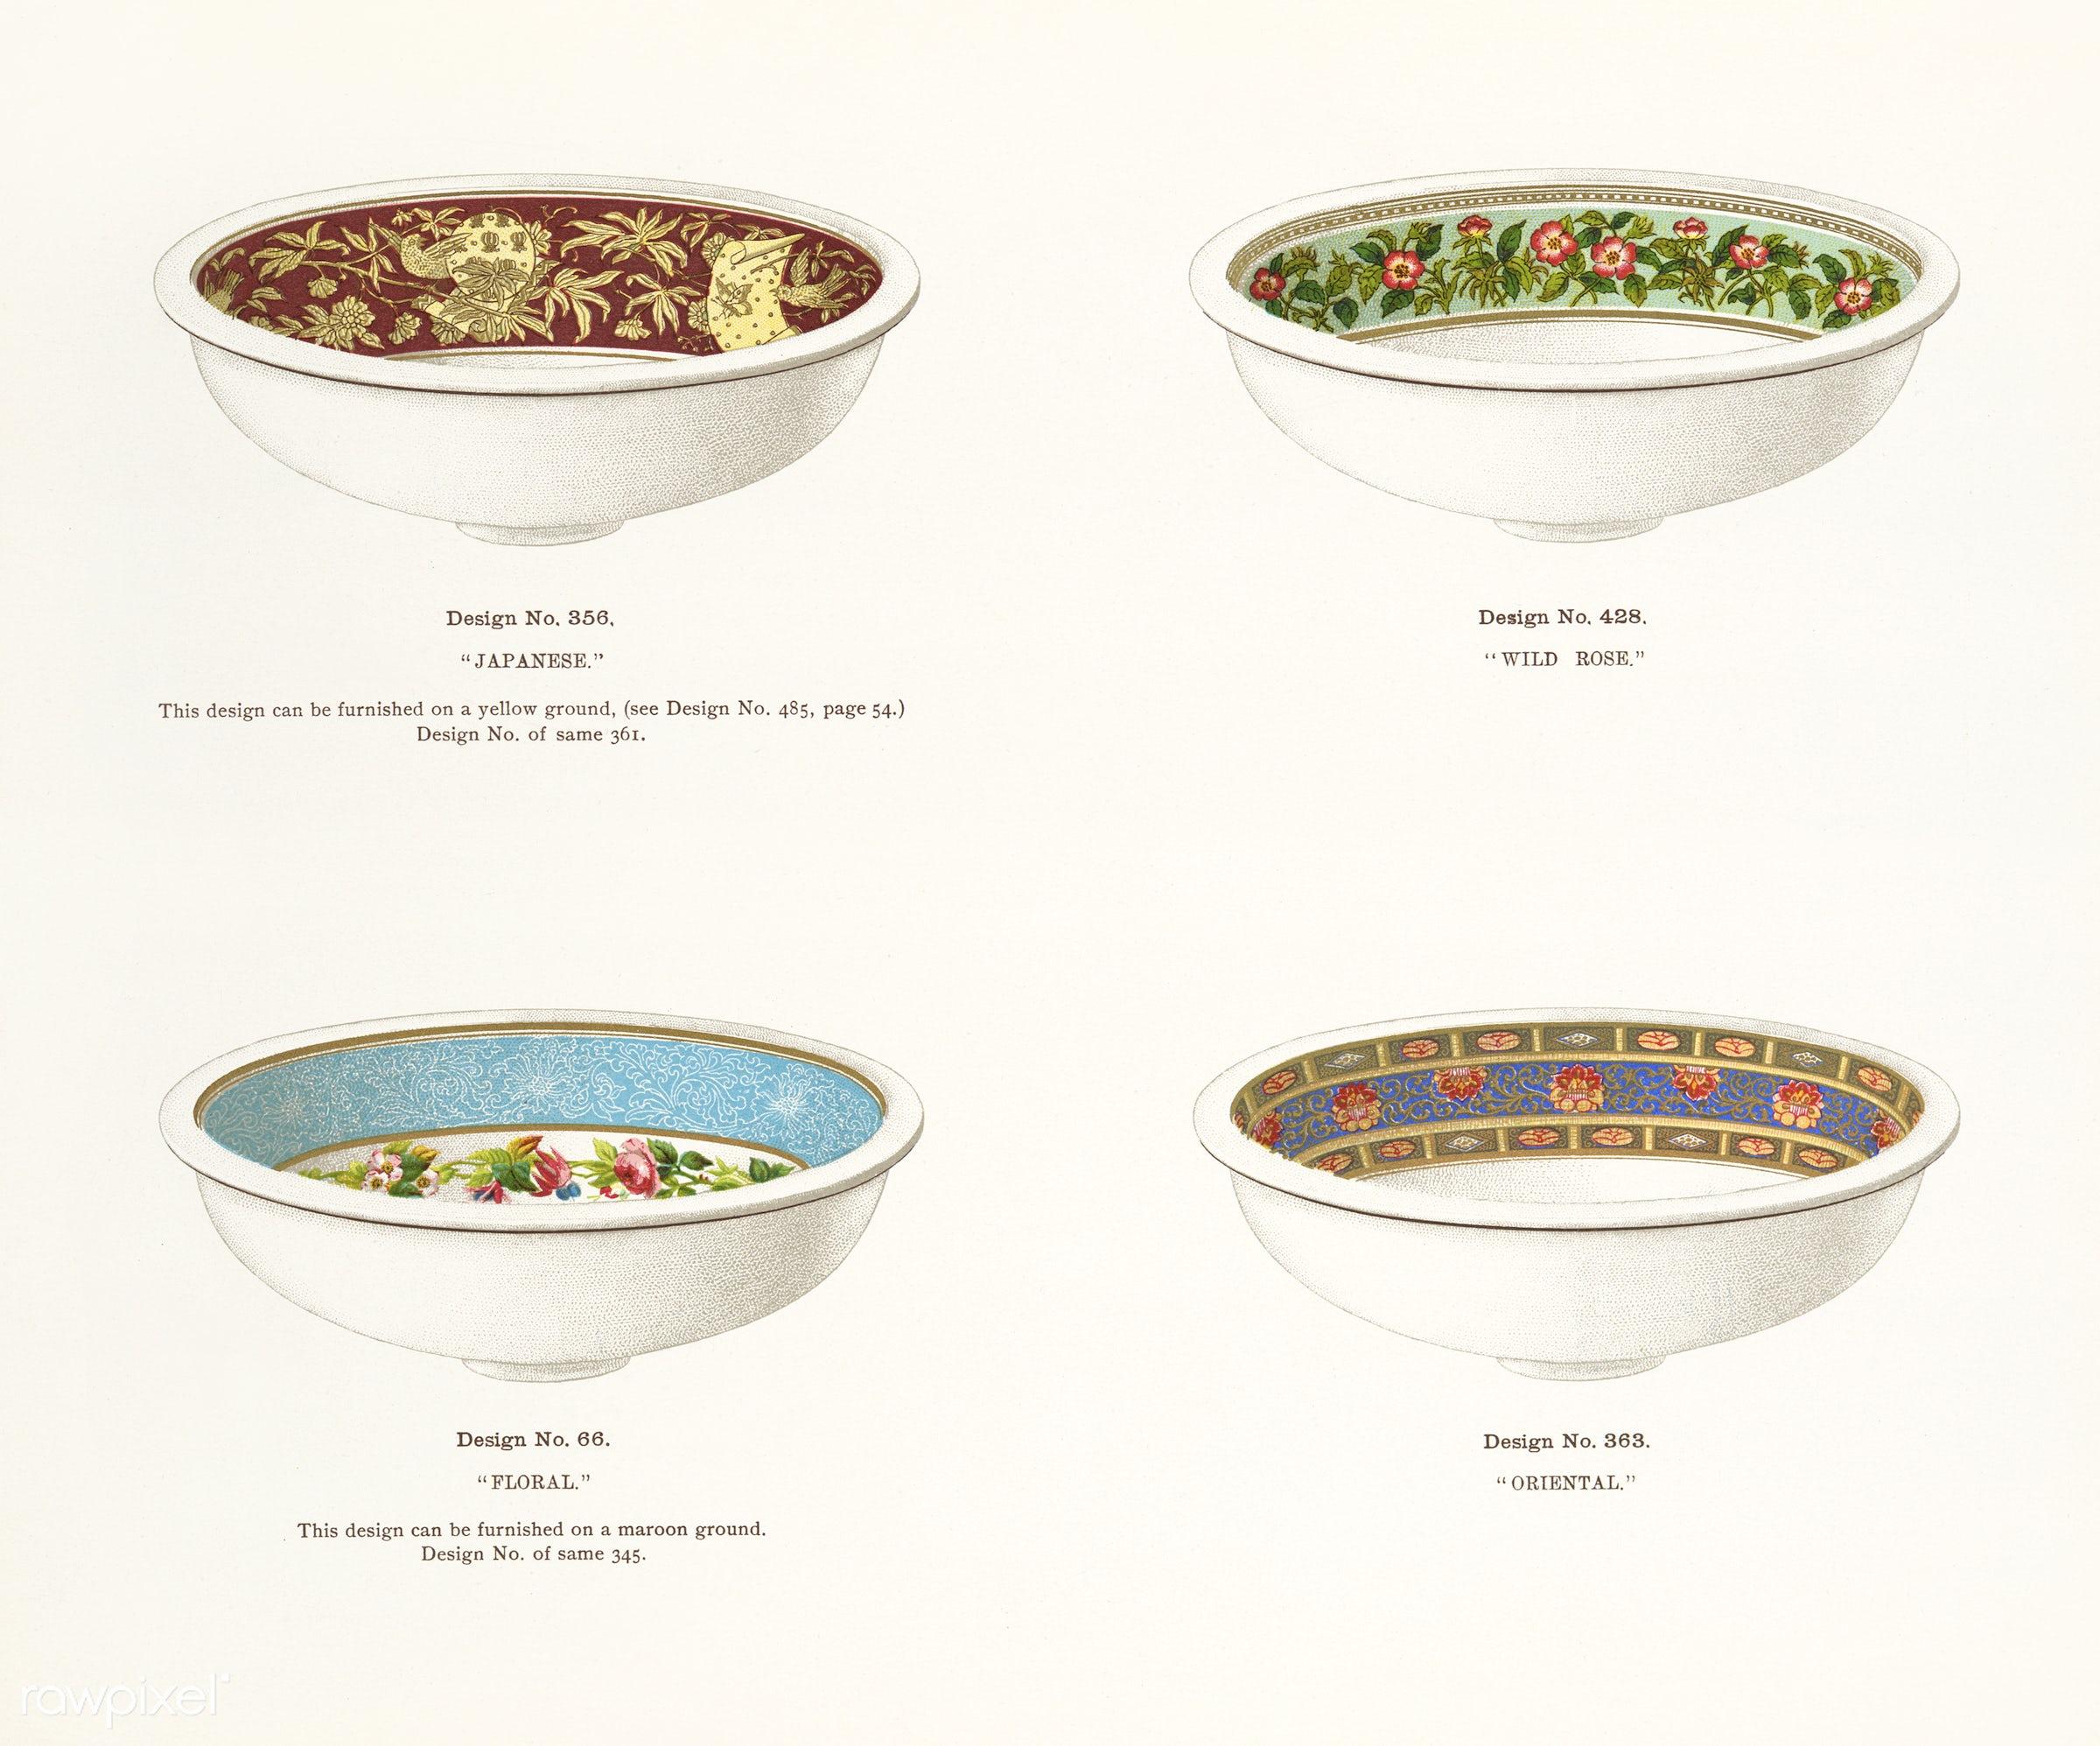 Vintage Illustration of decorated wash basins published in 1884 by J.L. Mott Iron Works. - antique, artwork, basins, cc0,...